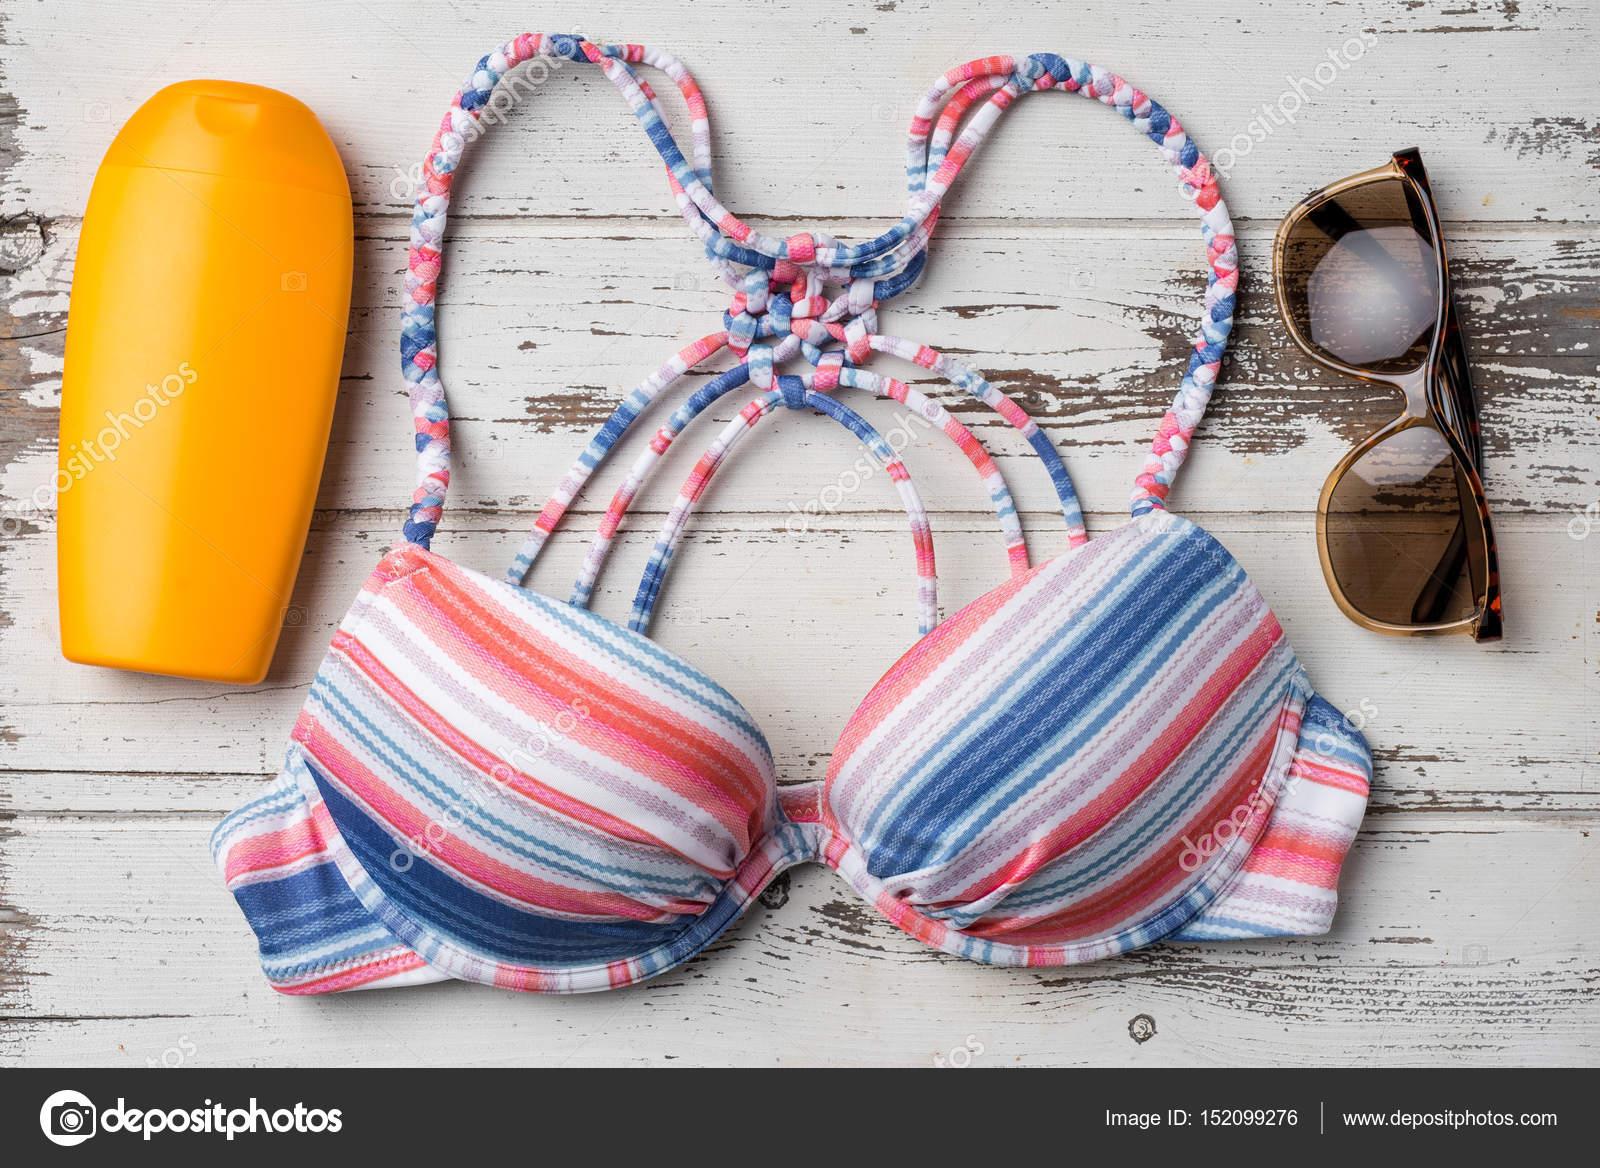 Accessori Da Bagno Colorati.Costume Da Bagno Colorato Con Accessori Da Spiaggia Su Tavola Di